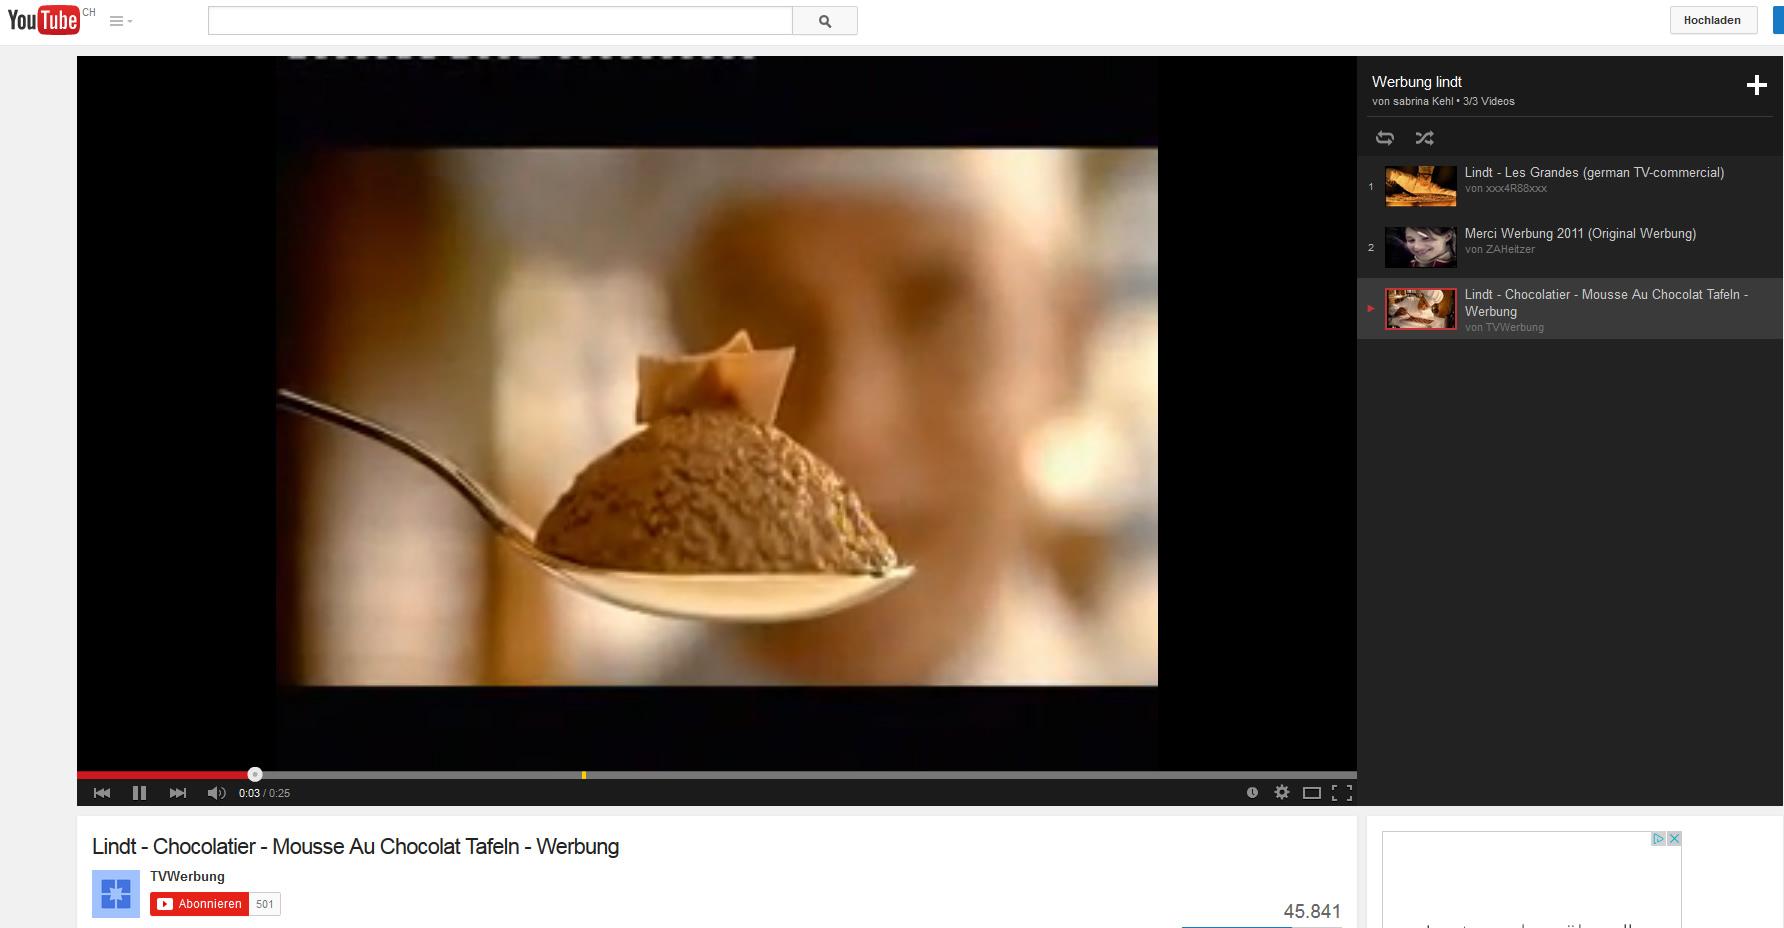 TV Spots von Lindt - Produktion von Pralinen, Pralinenverpackungen sind wichtig